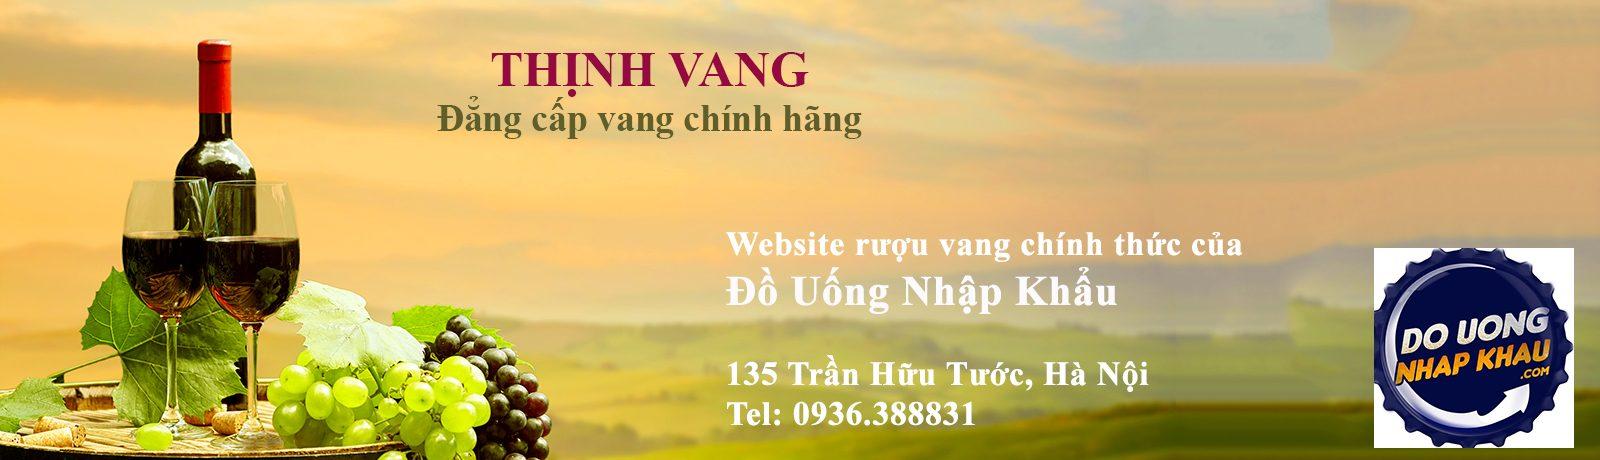 Thịnh Vang